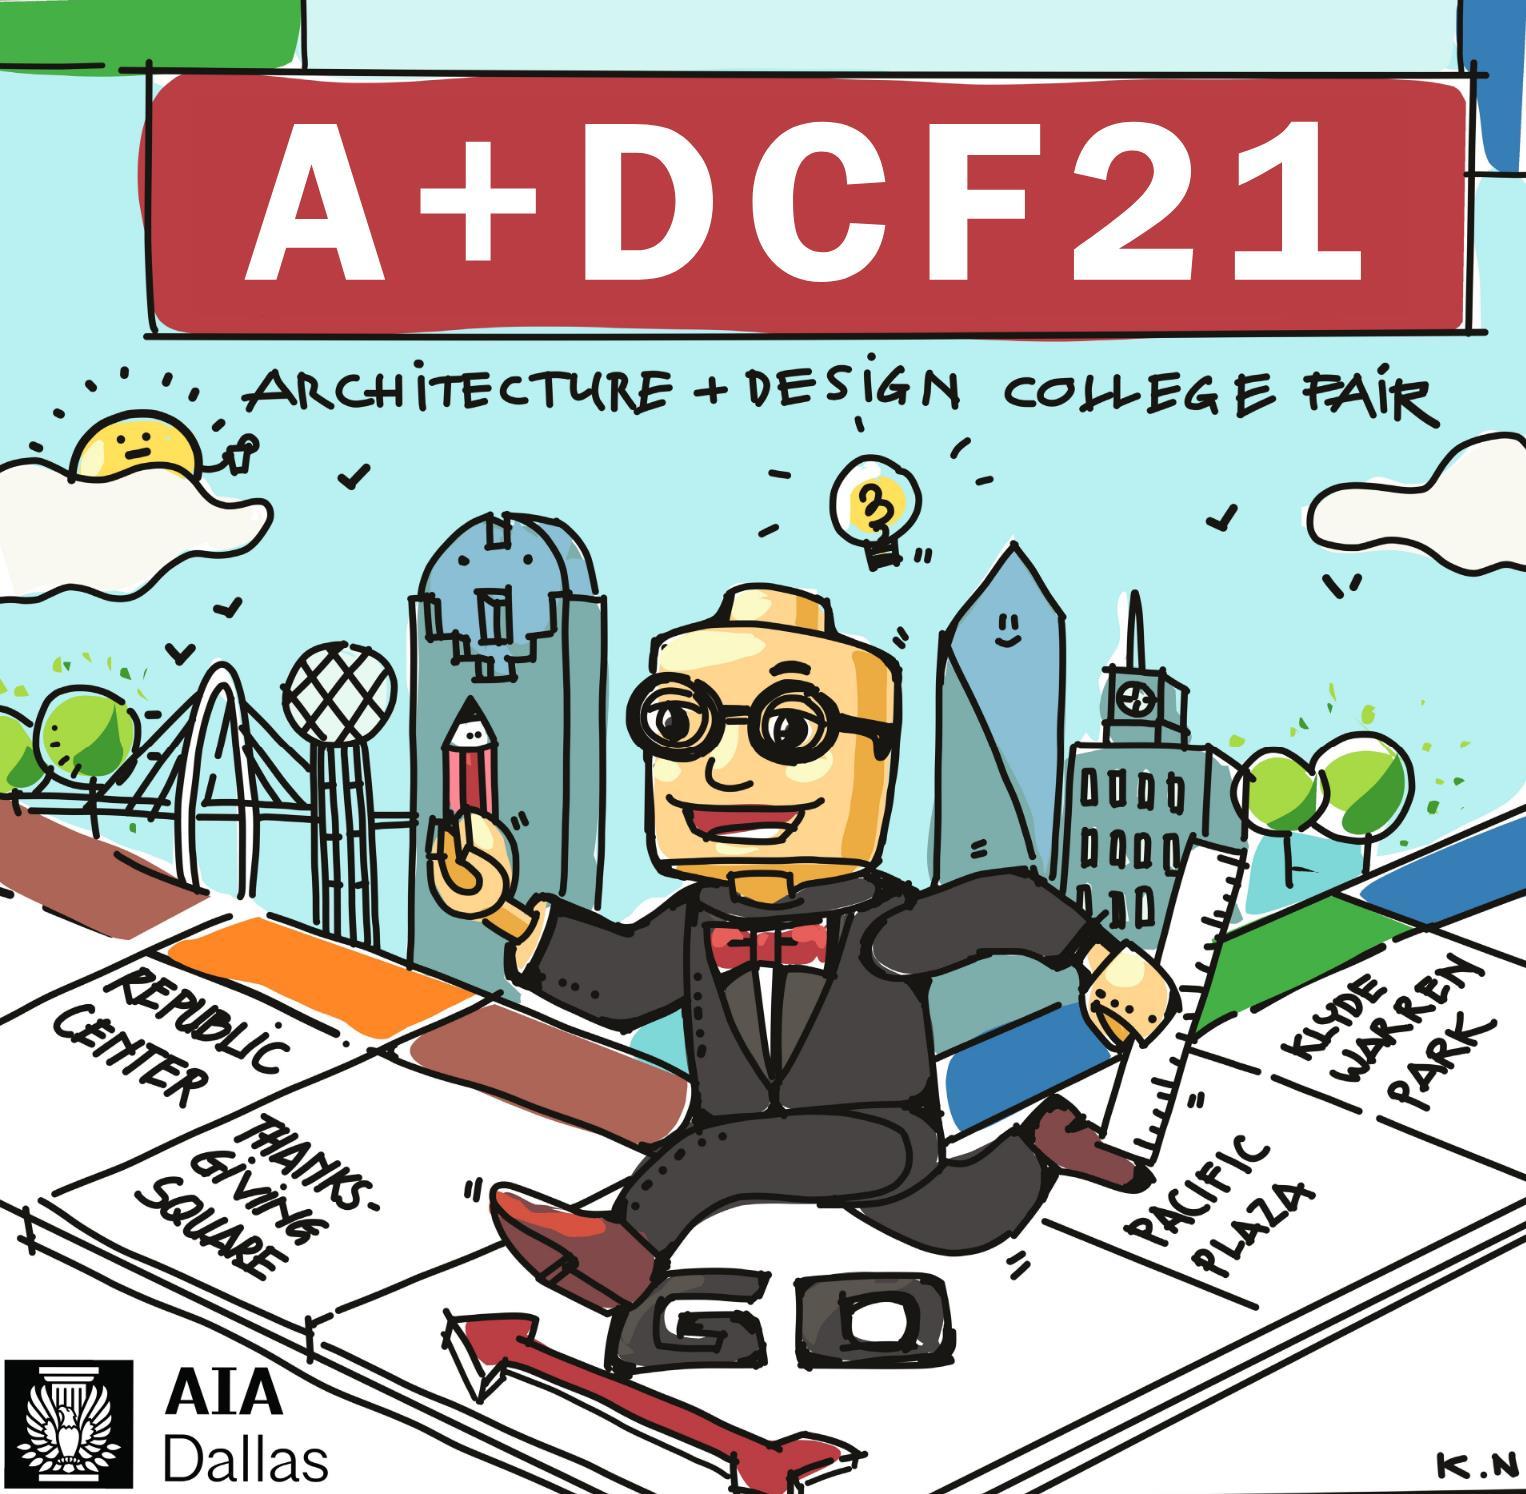 Architecture + Design College Fair